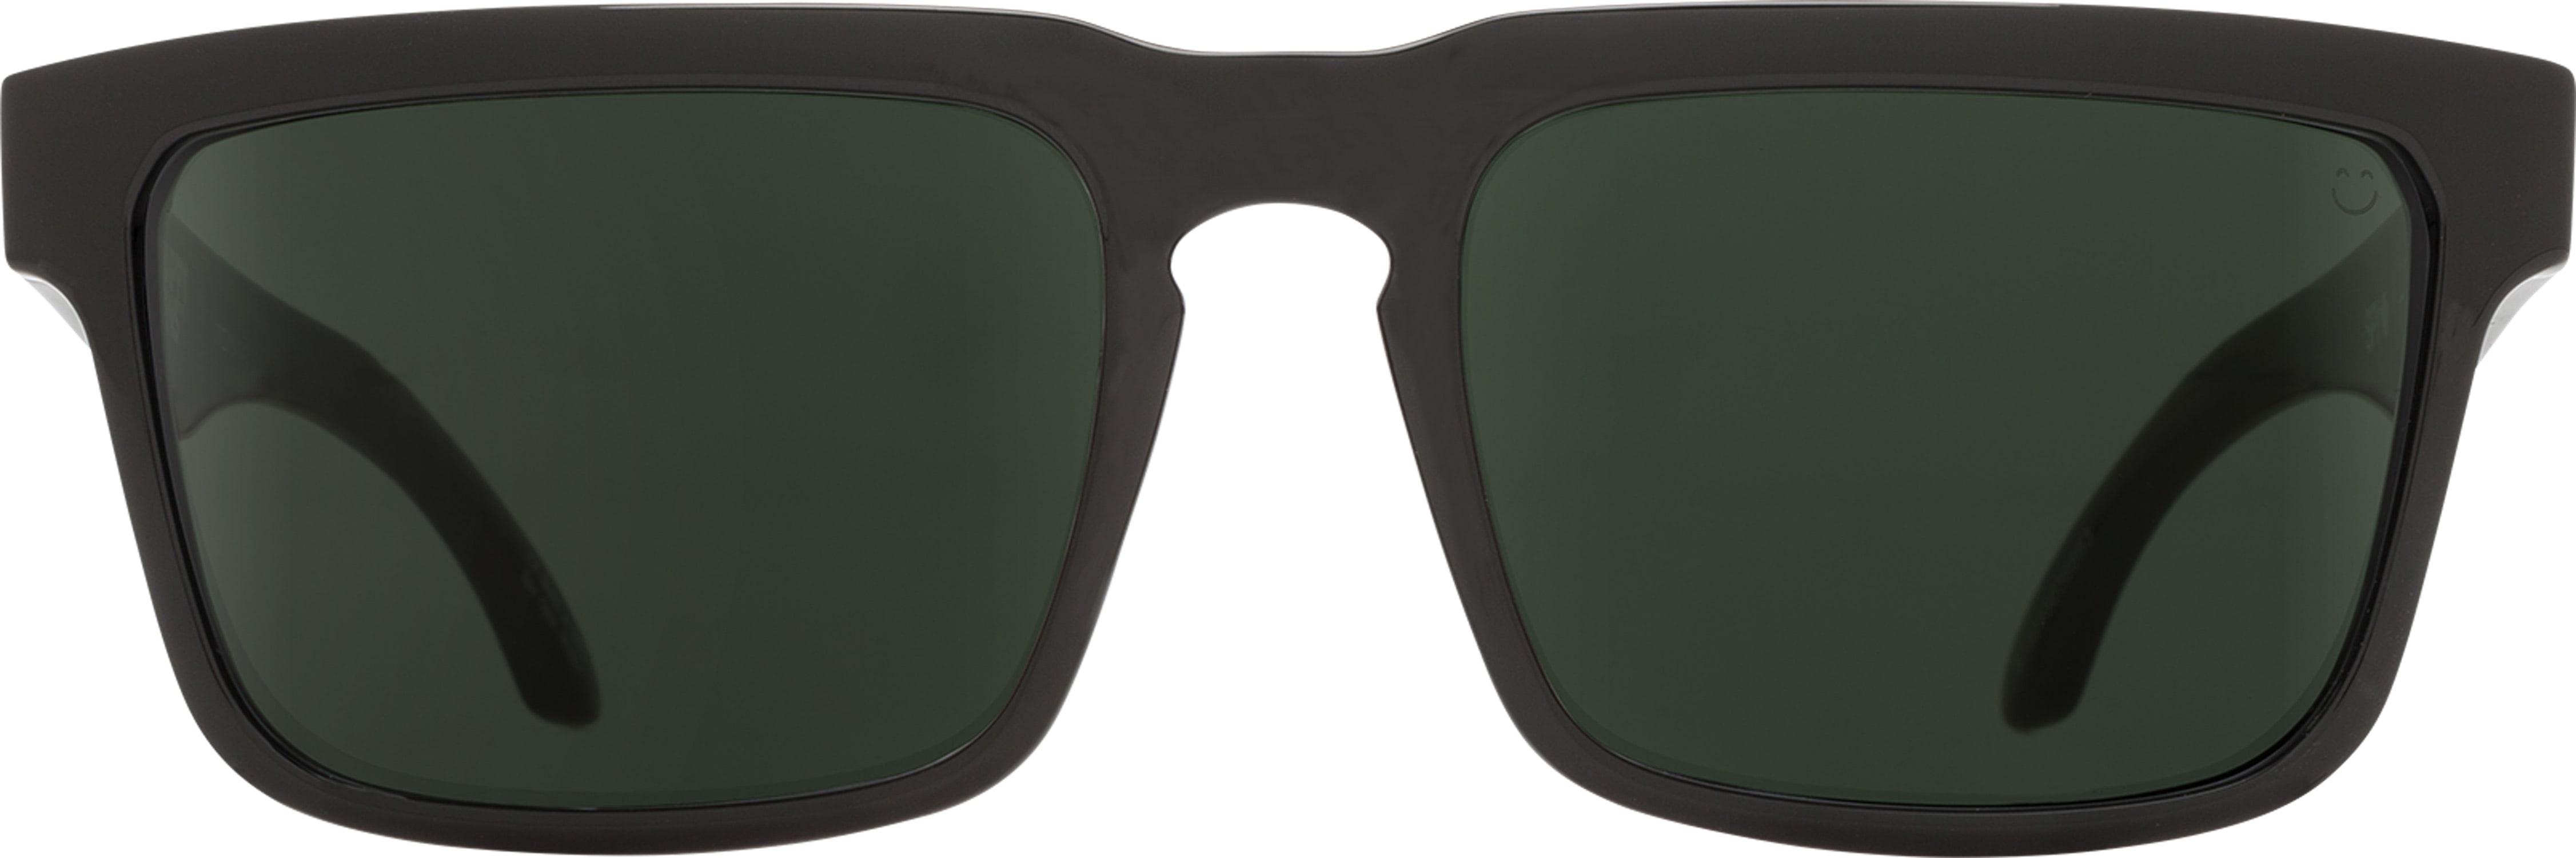 a39859ccfa7 Spy Helm Sunglasses Mens